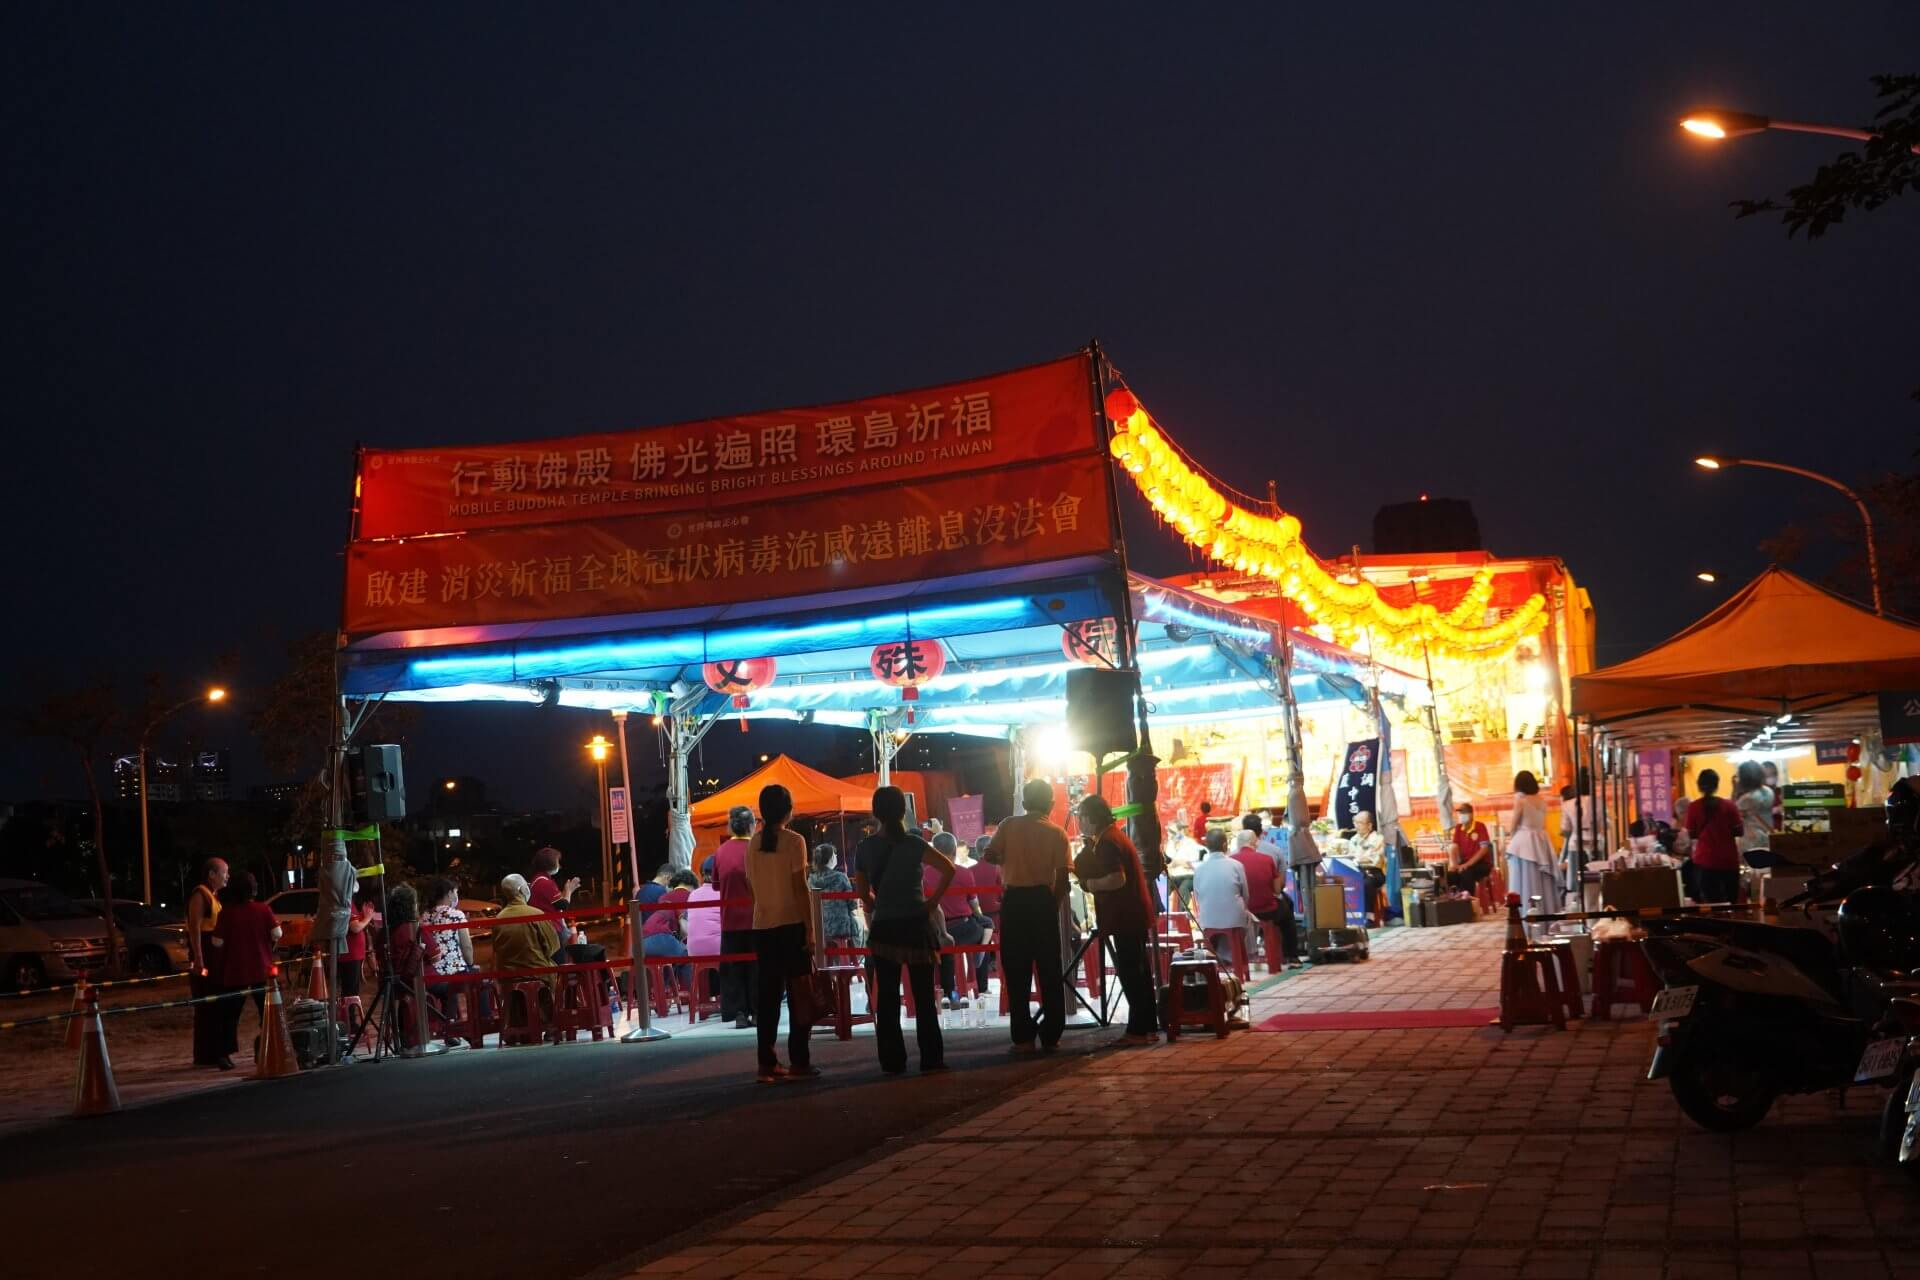 行動佛殿130站台南大興公園,藍調爵士晚會